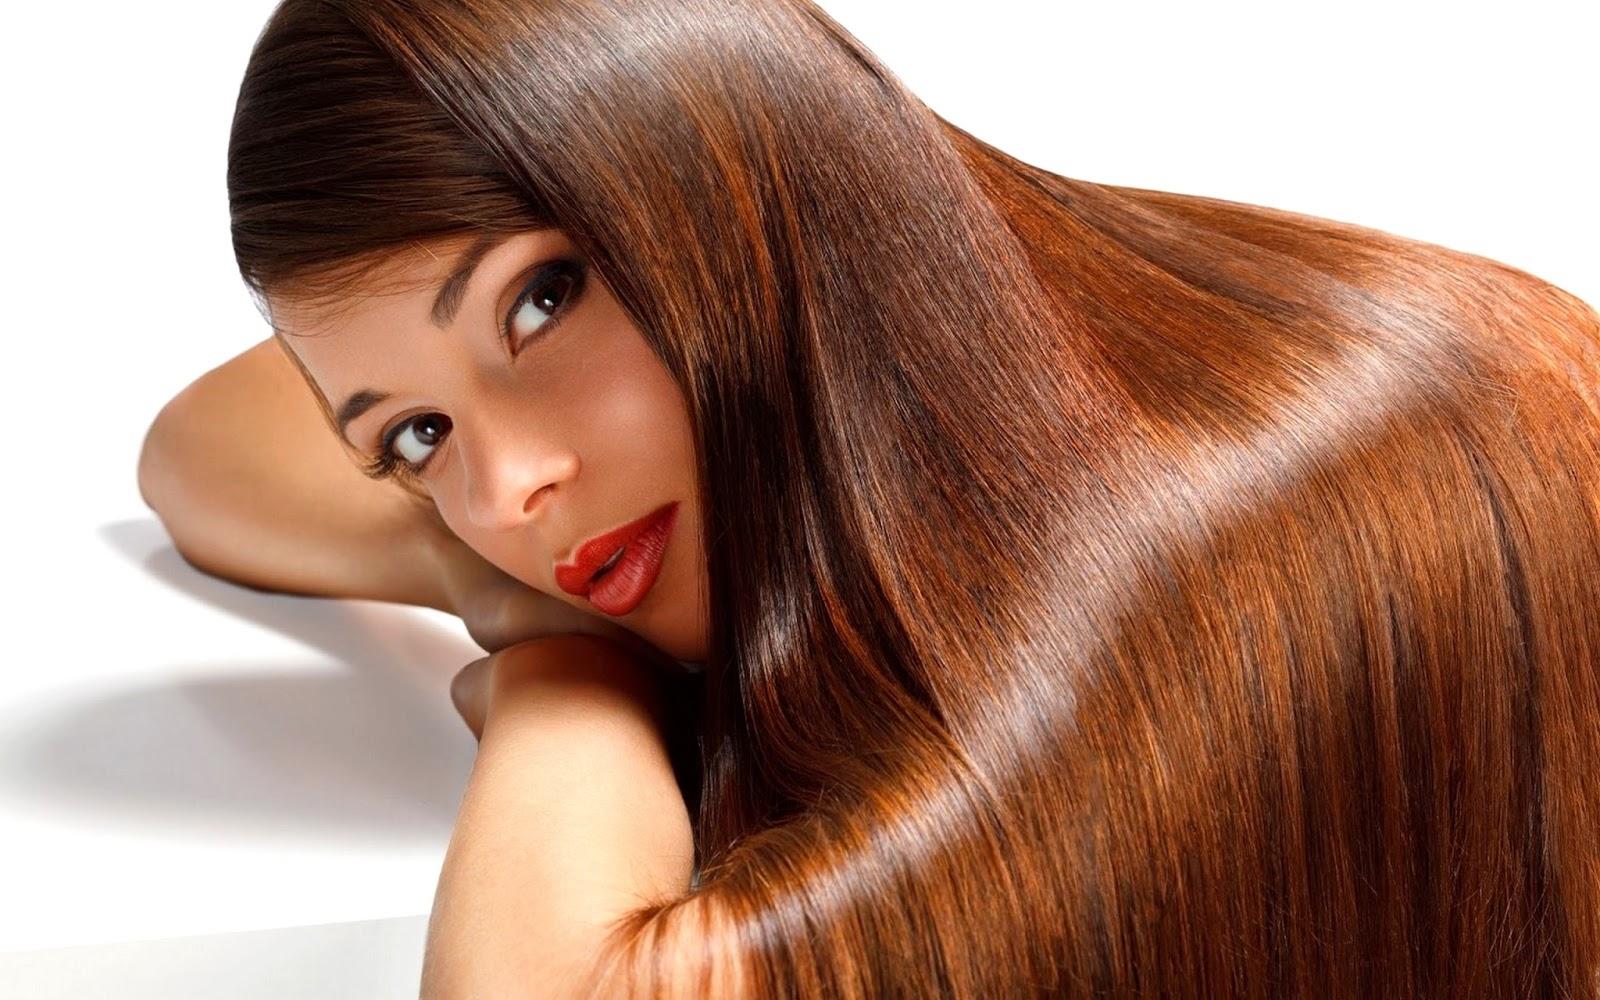 Как сделать волосы красивыми, не выходя из дома. Советы экспертов